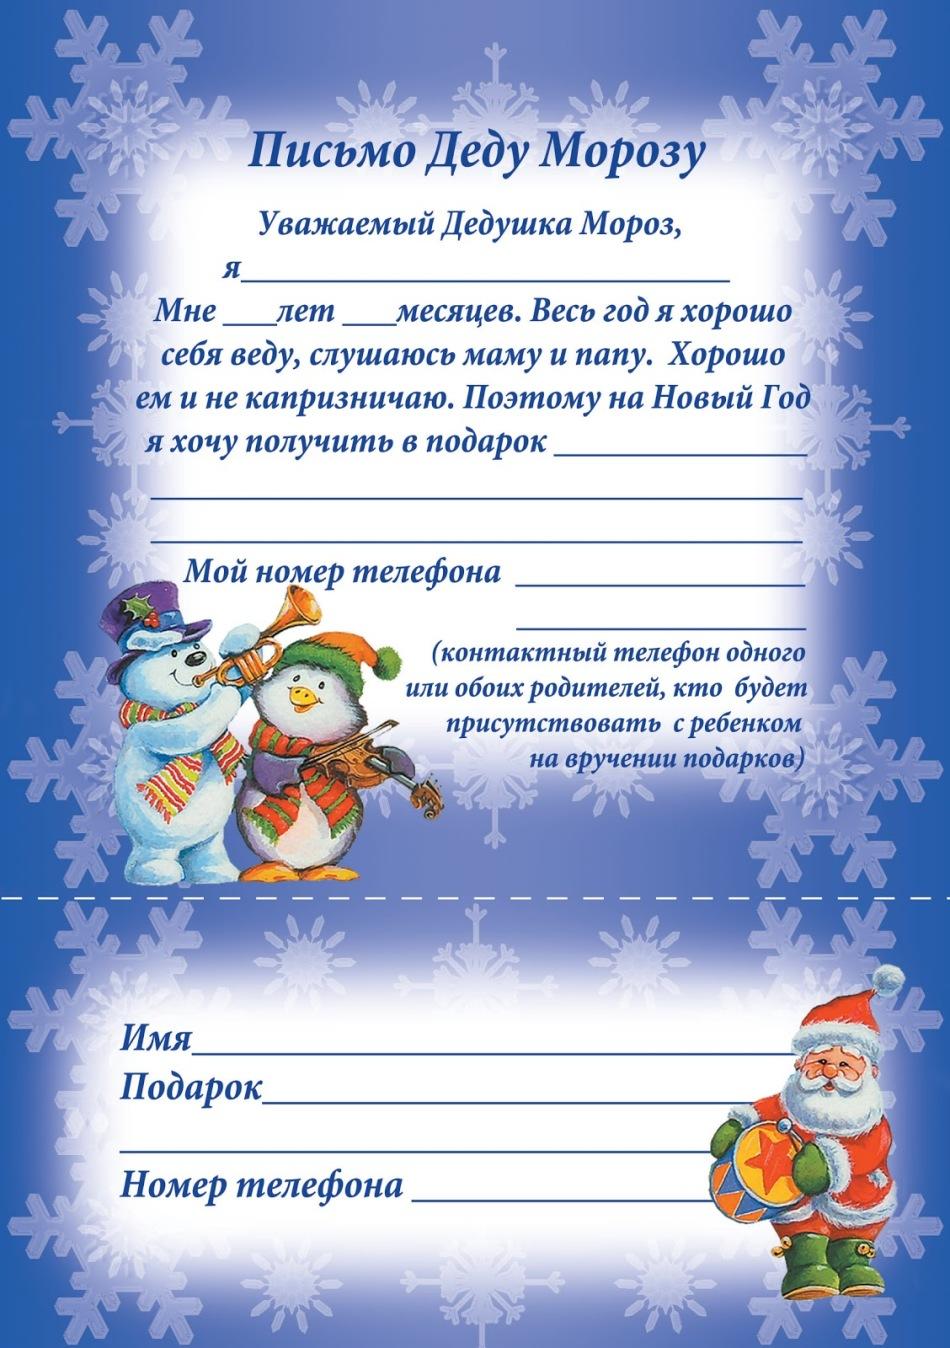 Письмо Деду Морозу 2018 - написать. - Вкусная помощь 73